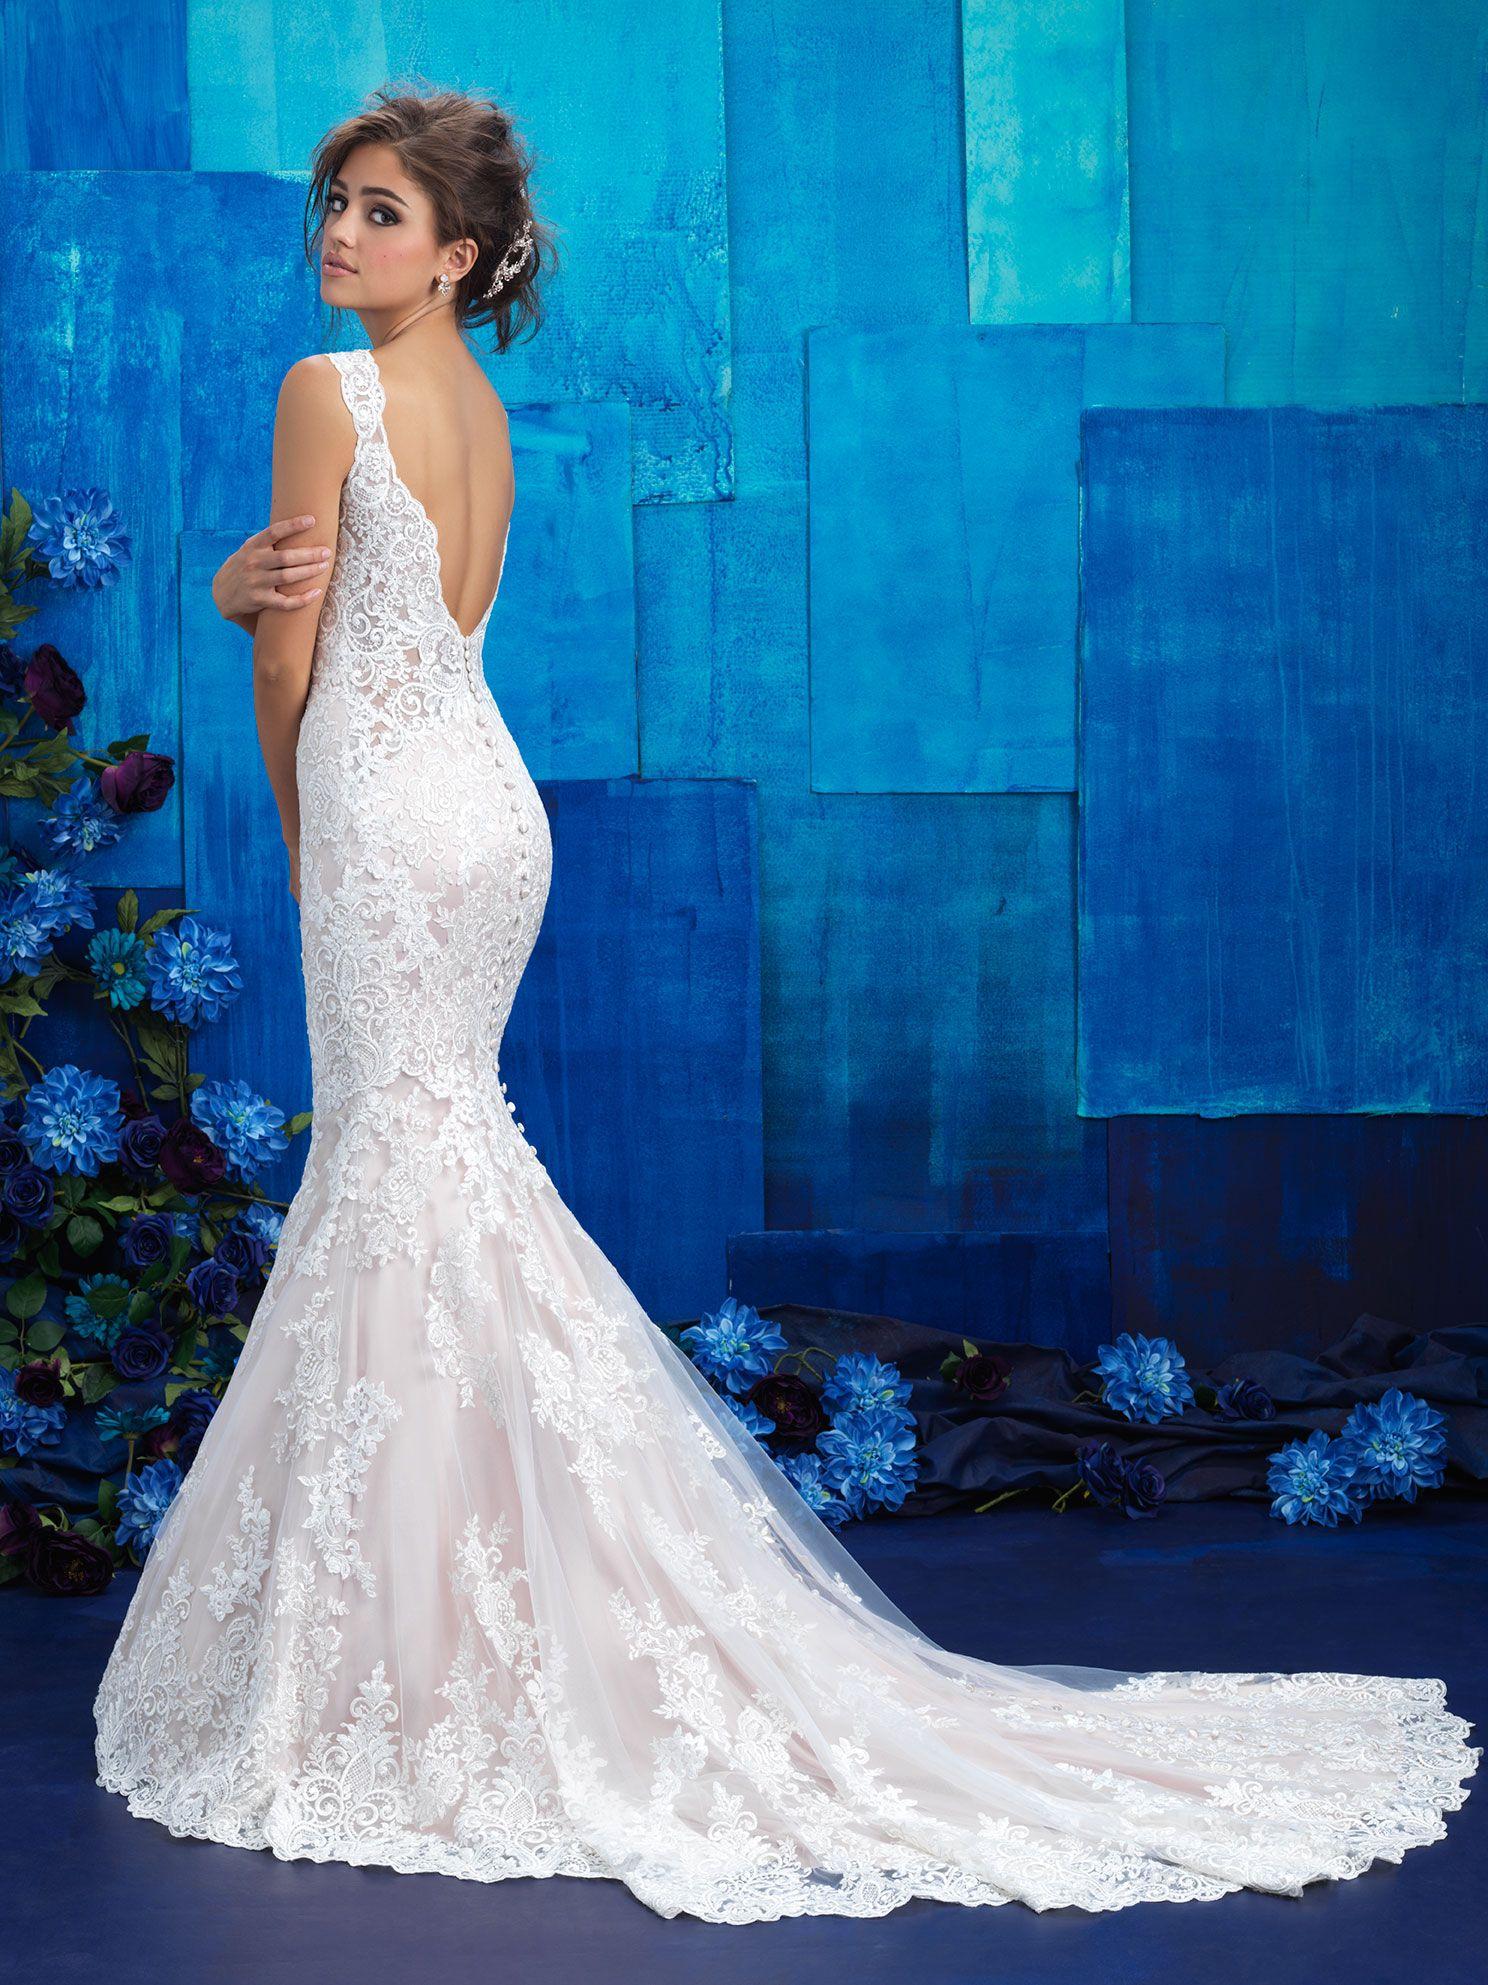 Vestido de Novia Allure 9419 - Maribel Arango Novias | Vestido Novia ...